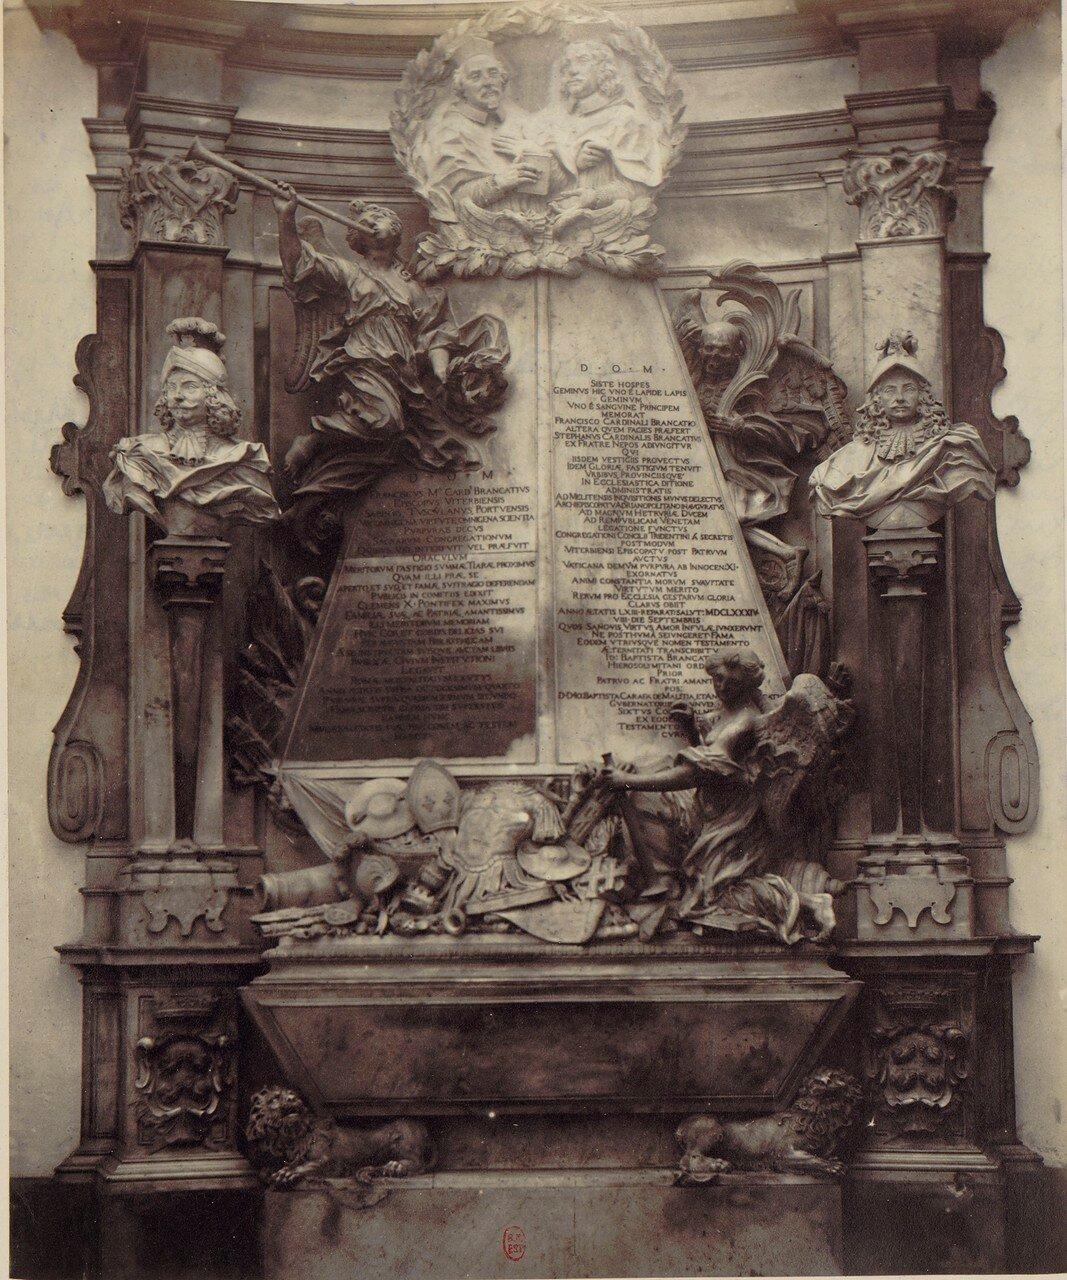 39. Церковь святого ангела у Нила. Памятник кардиналу  Райнальдо Бранкаччо